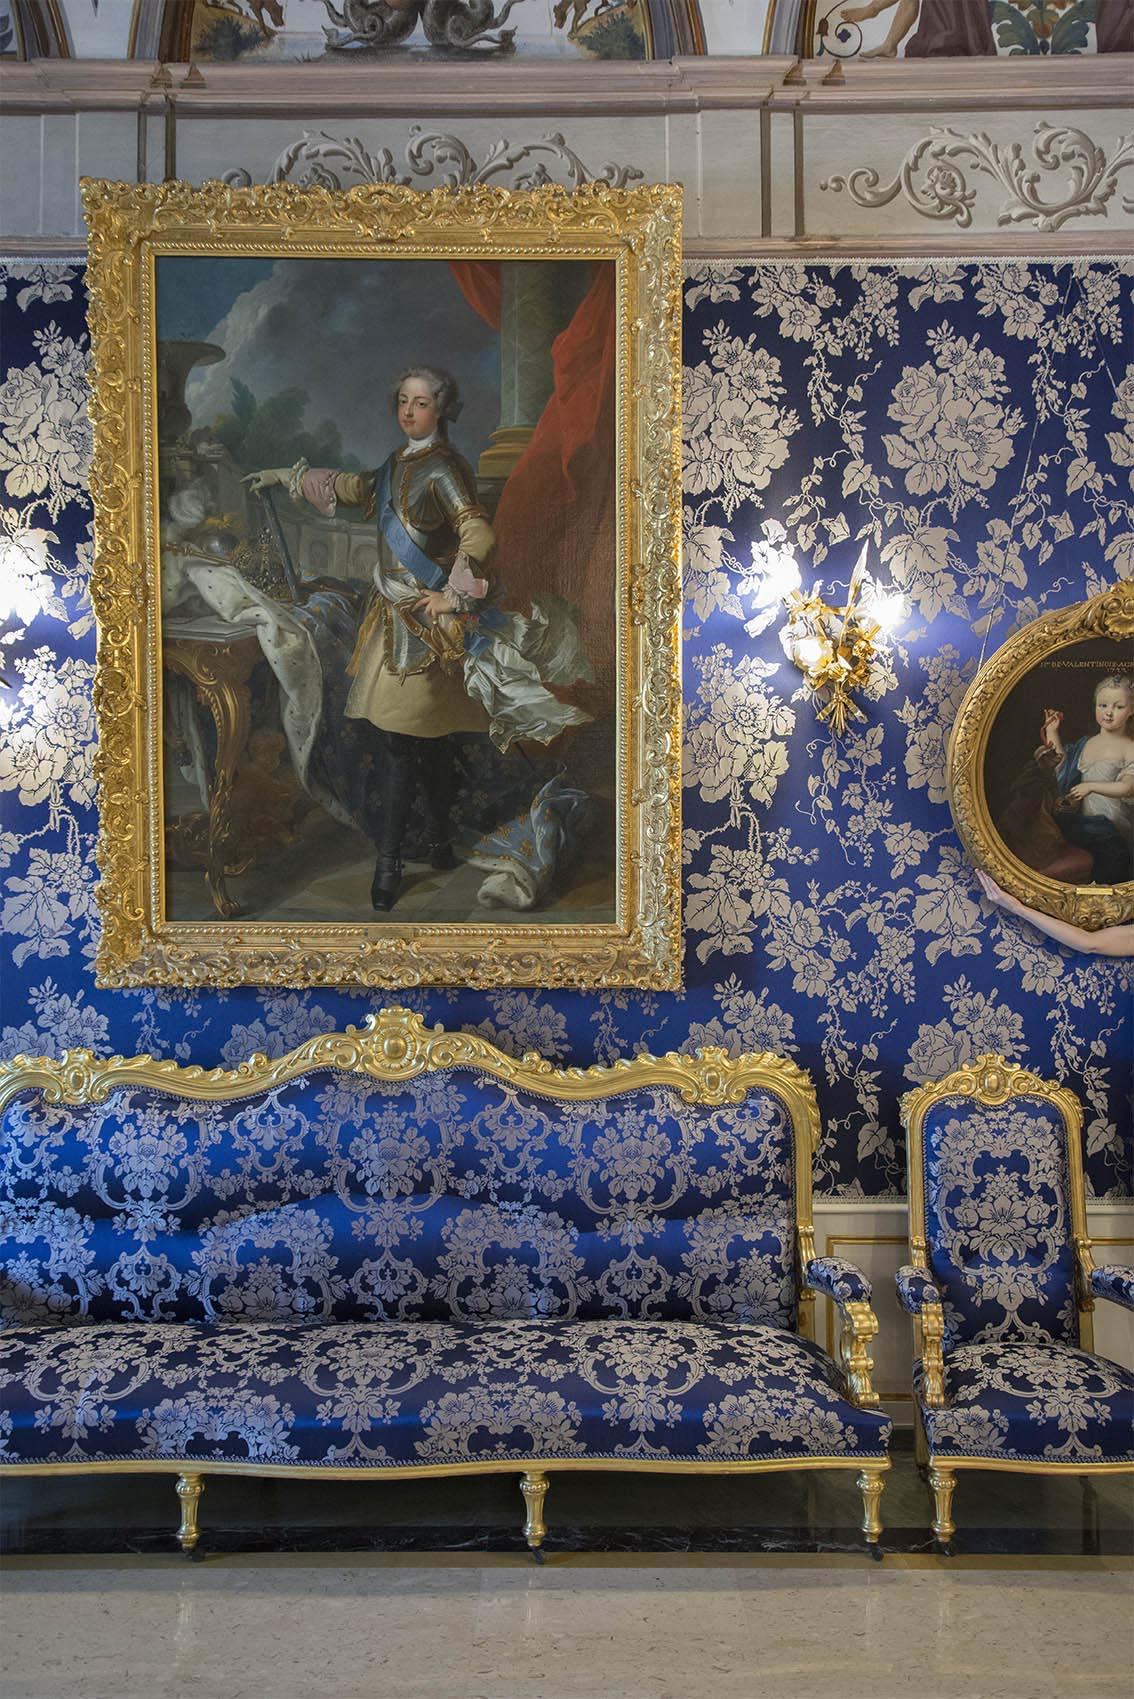 Louis XV par François Albert Stiemart d'après J.B. Van Loo, canapé six places de style Louis XIV, Carole, Charlotte Grimaldi enfant par Pierre Gobert (1662-1744). Palais Princier de Monaco. 2018